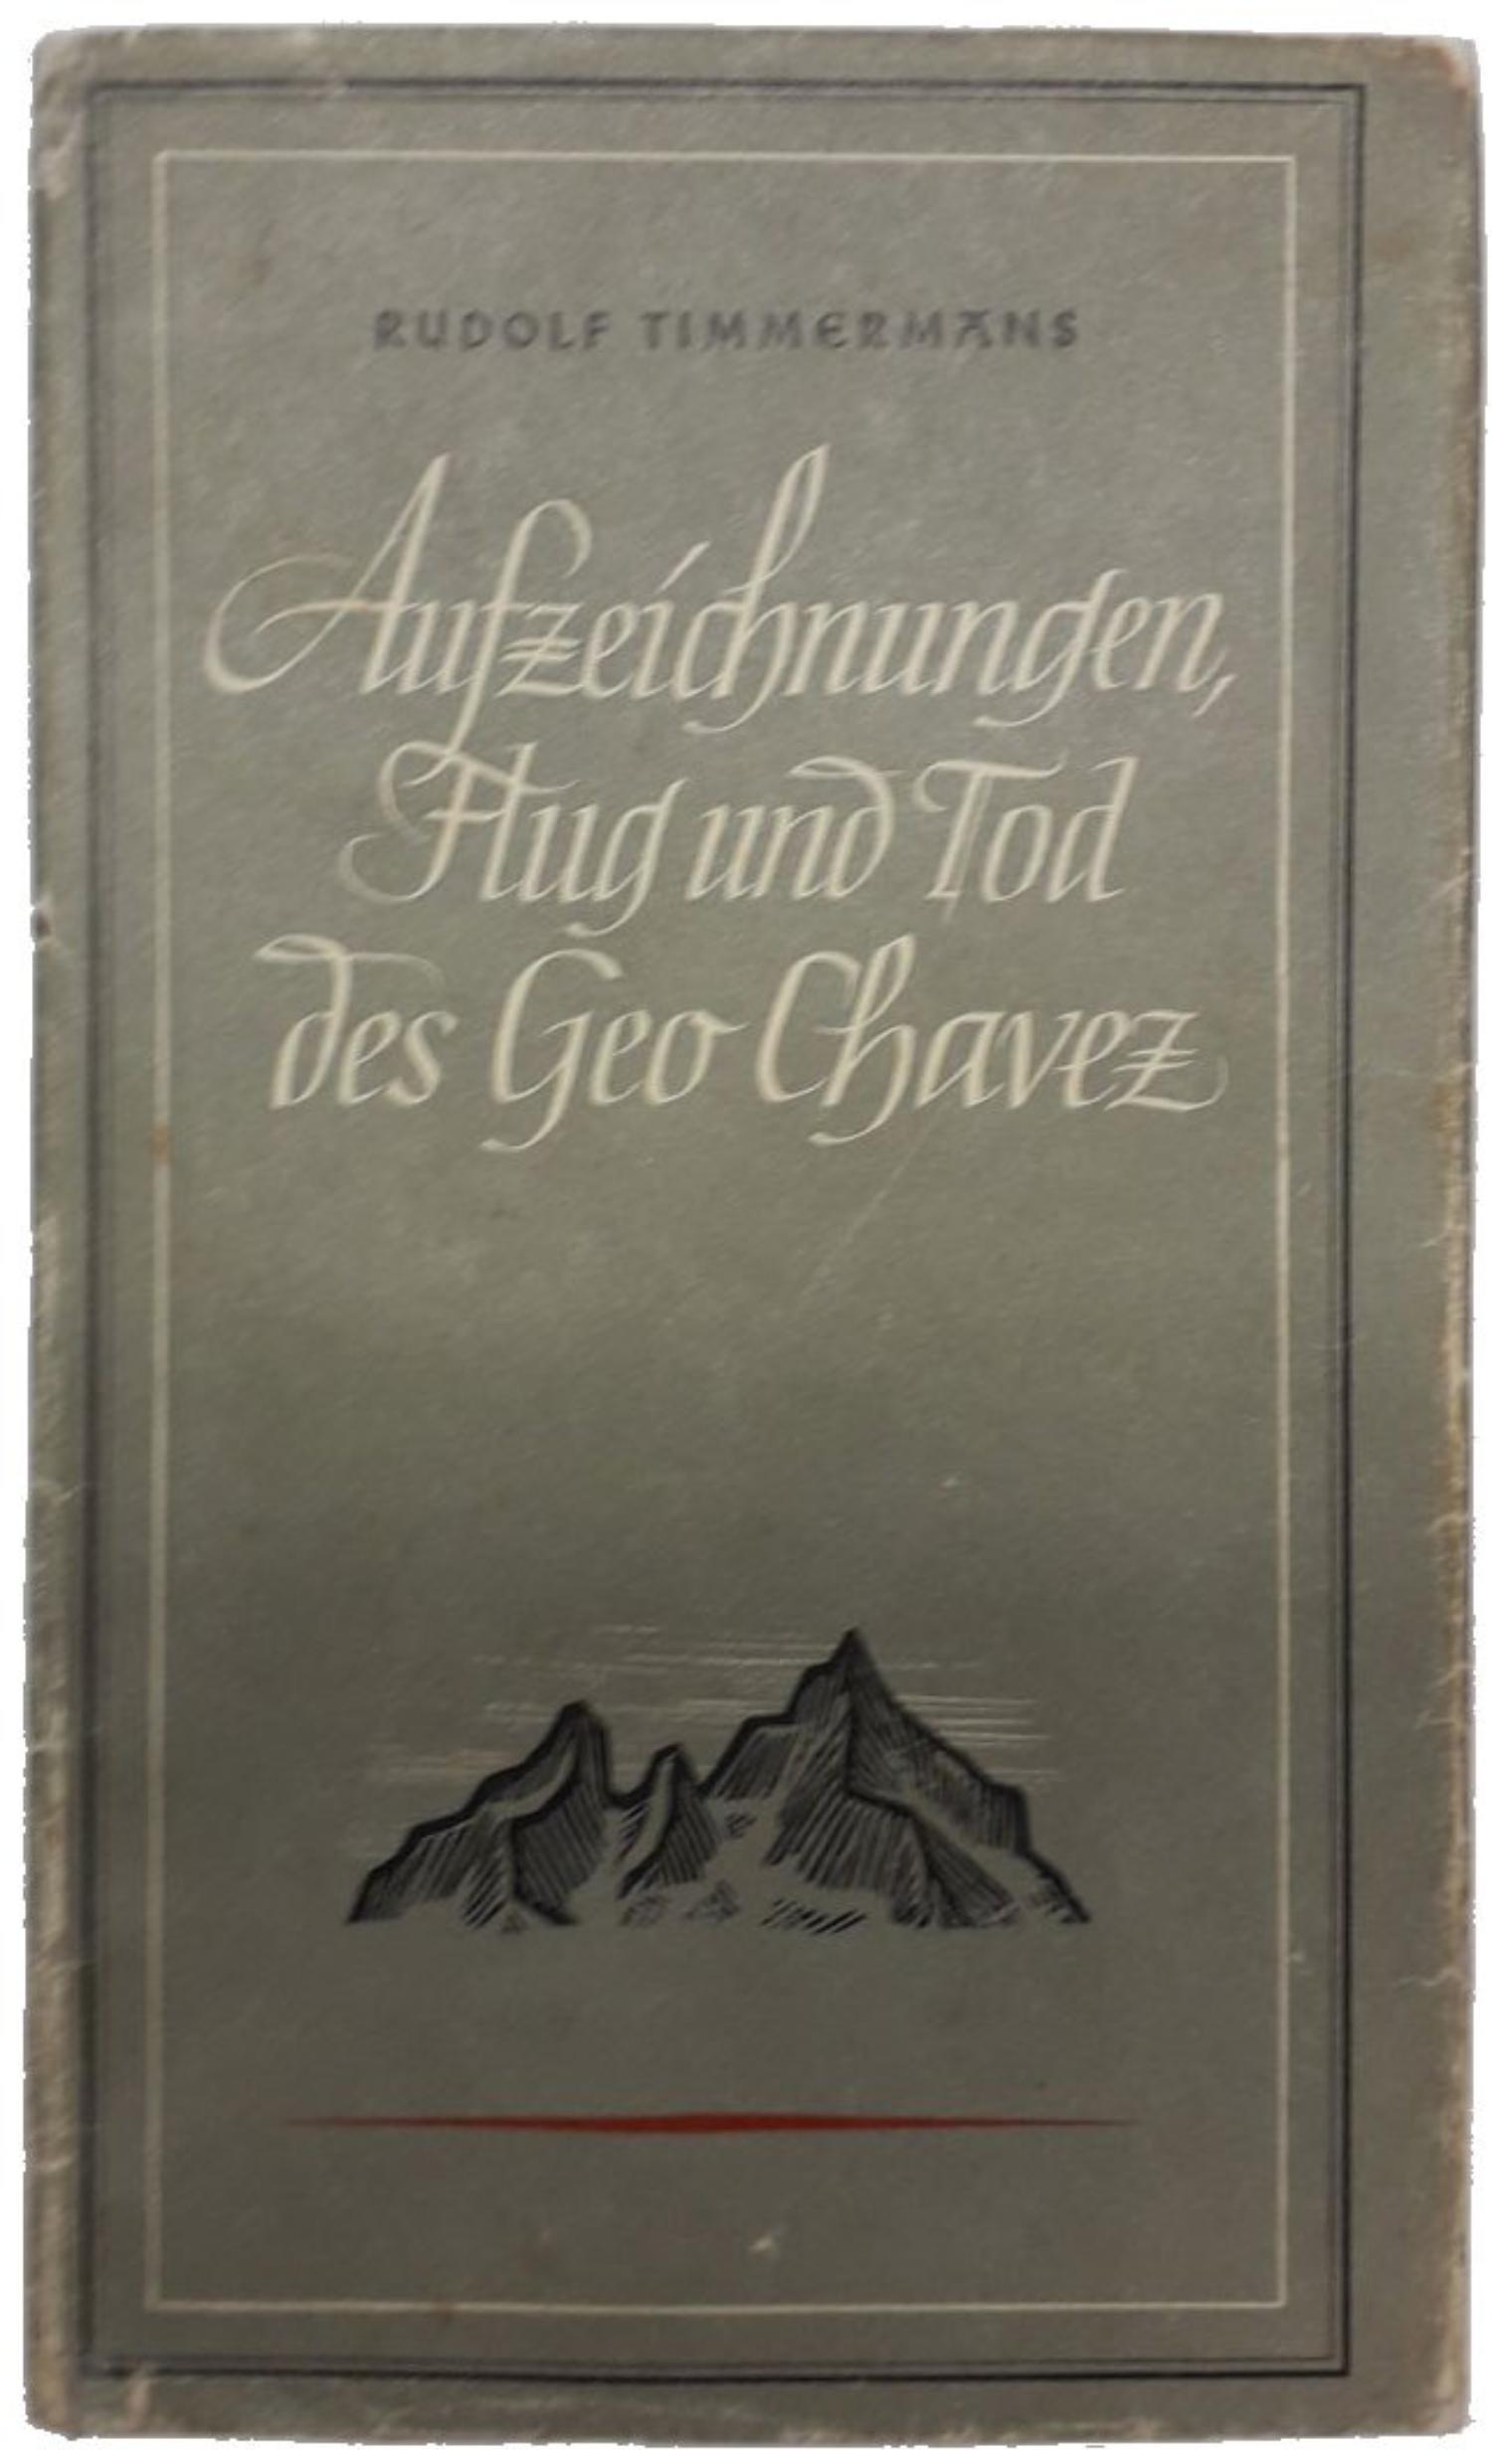 Buch Aufzeichnungen, Flug und Tod des Geo Chavez